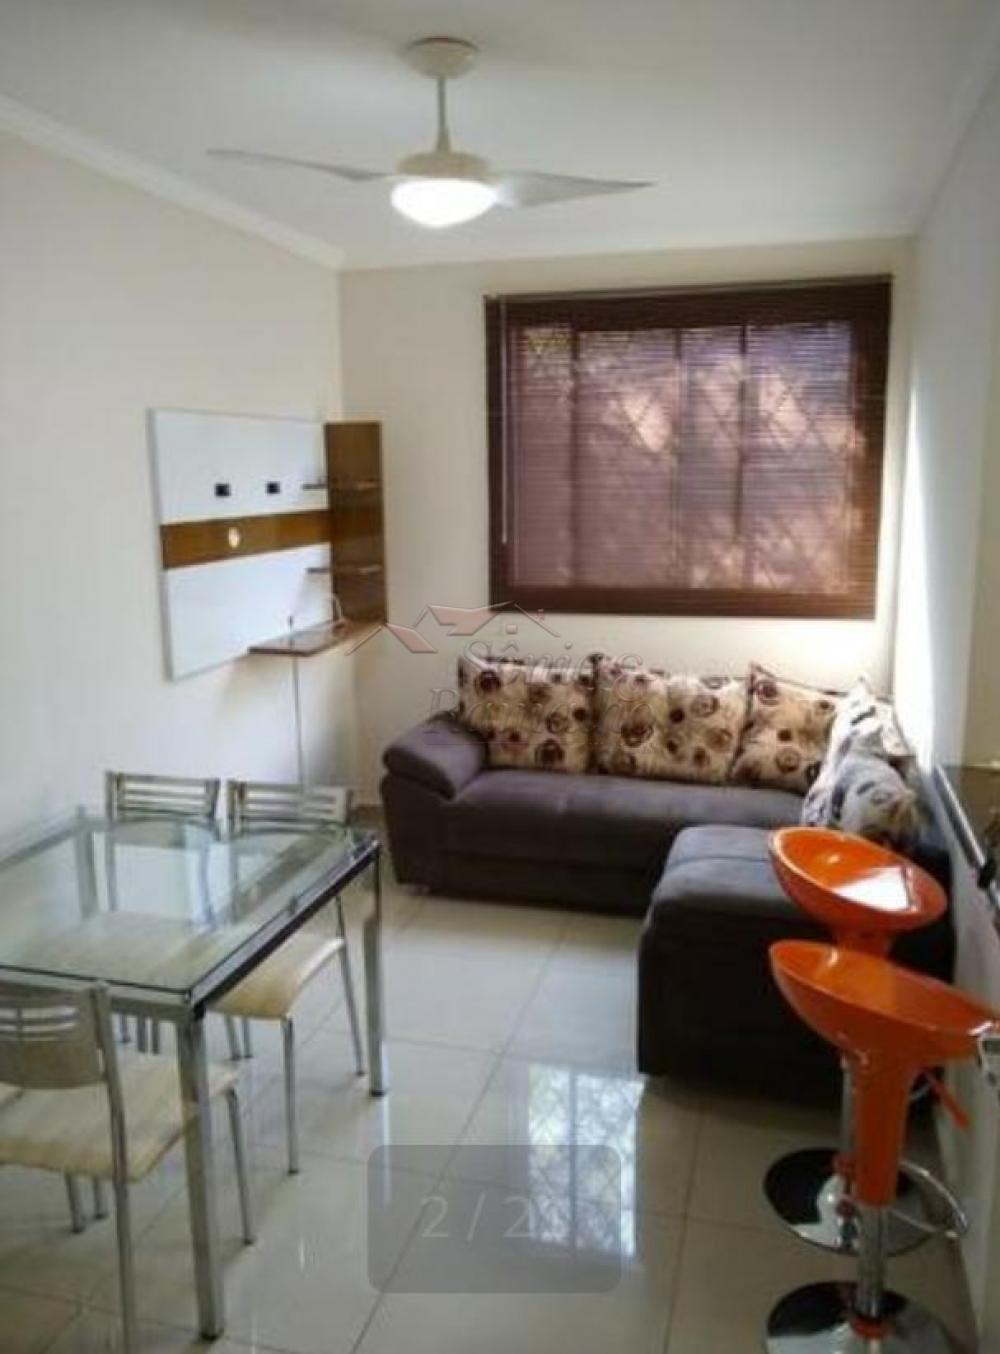 Alugar Apartamentos / Mobiliado em Ribeirão Preto apenas R$ 1.400,00 - Foto 1